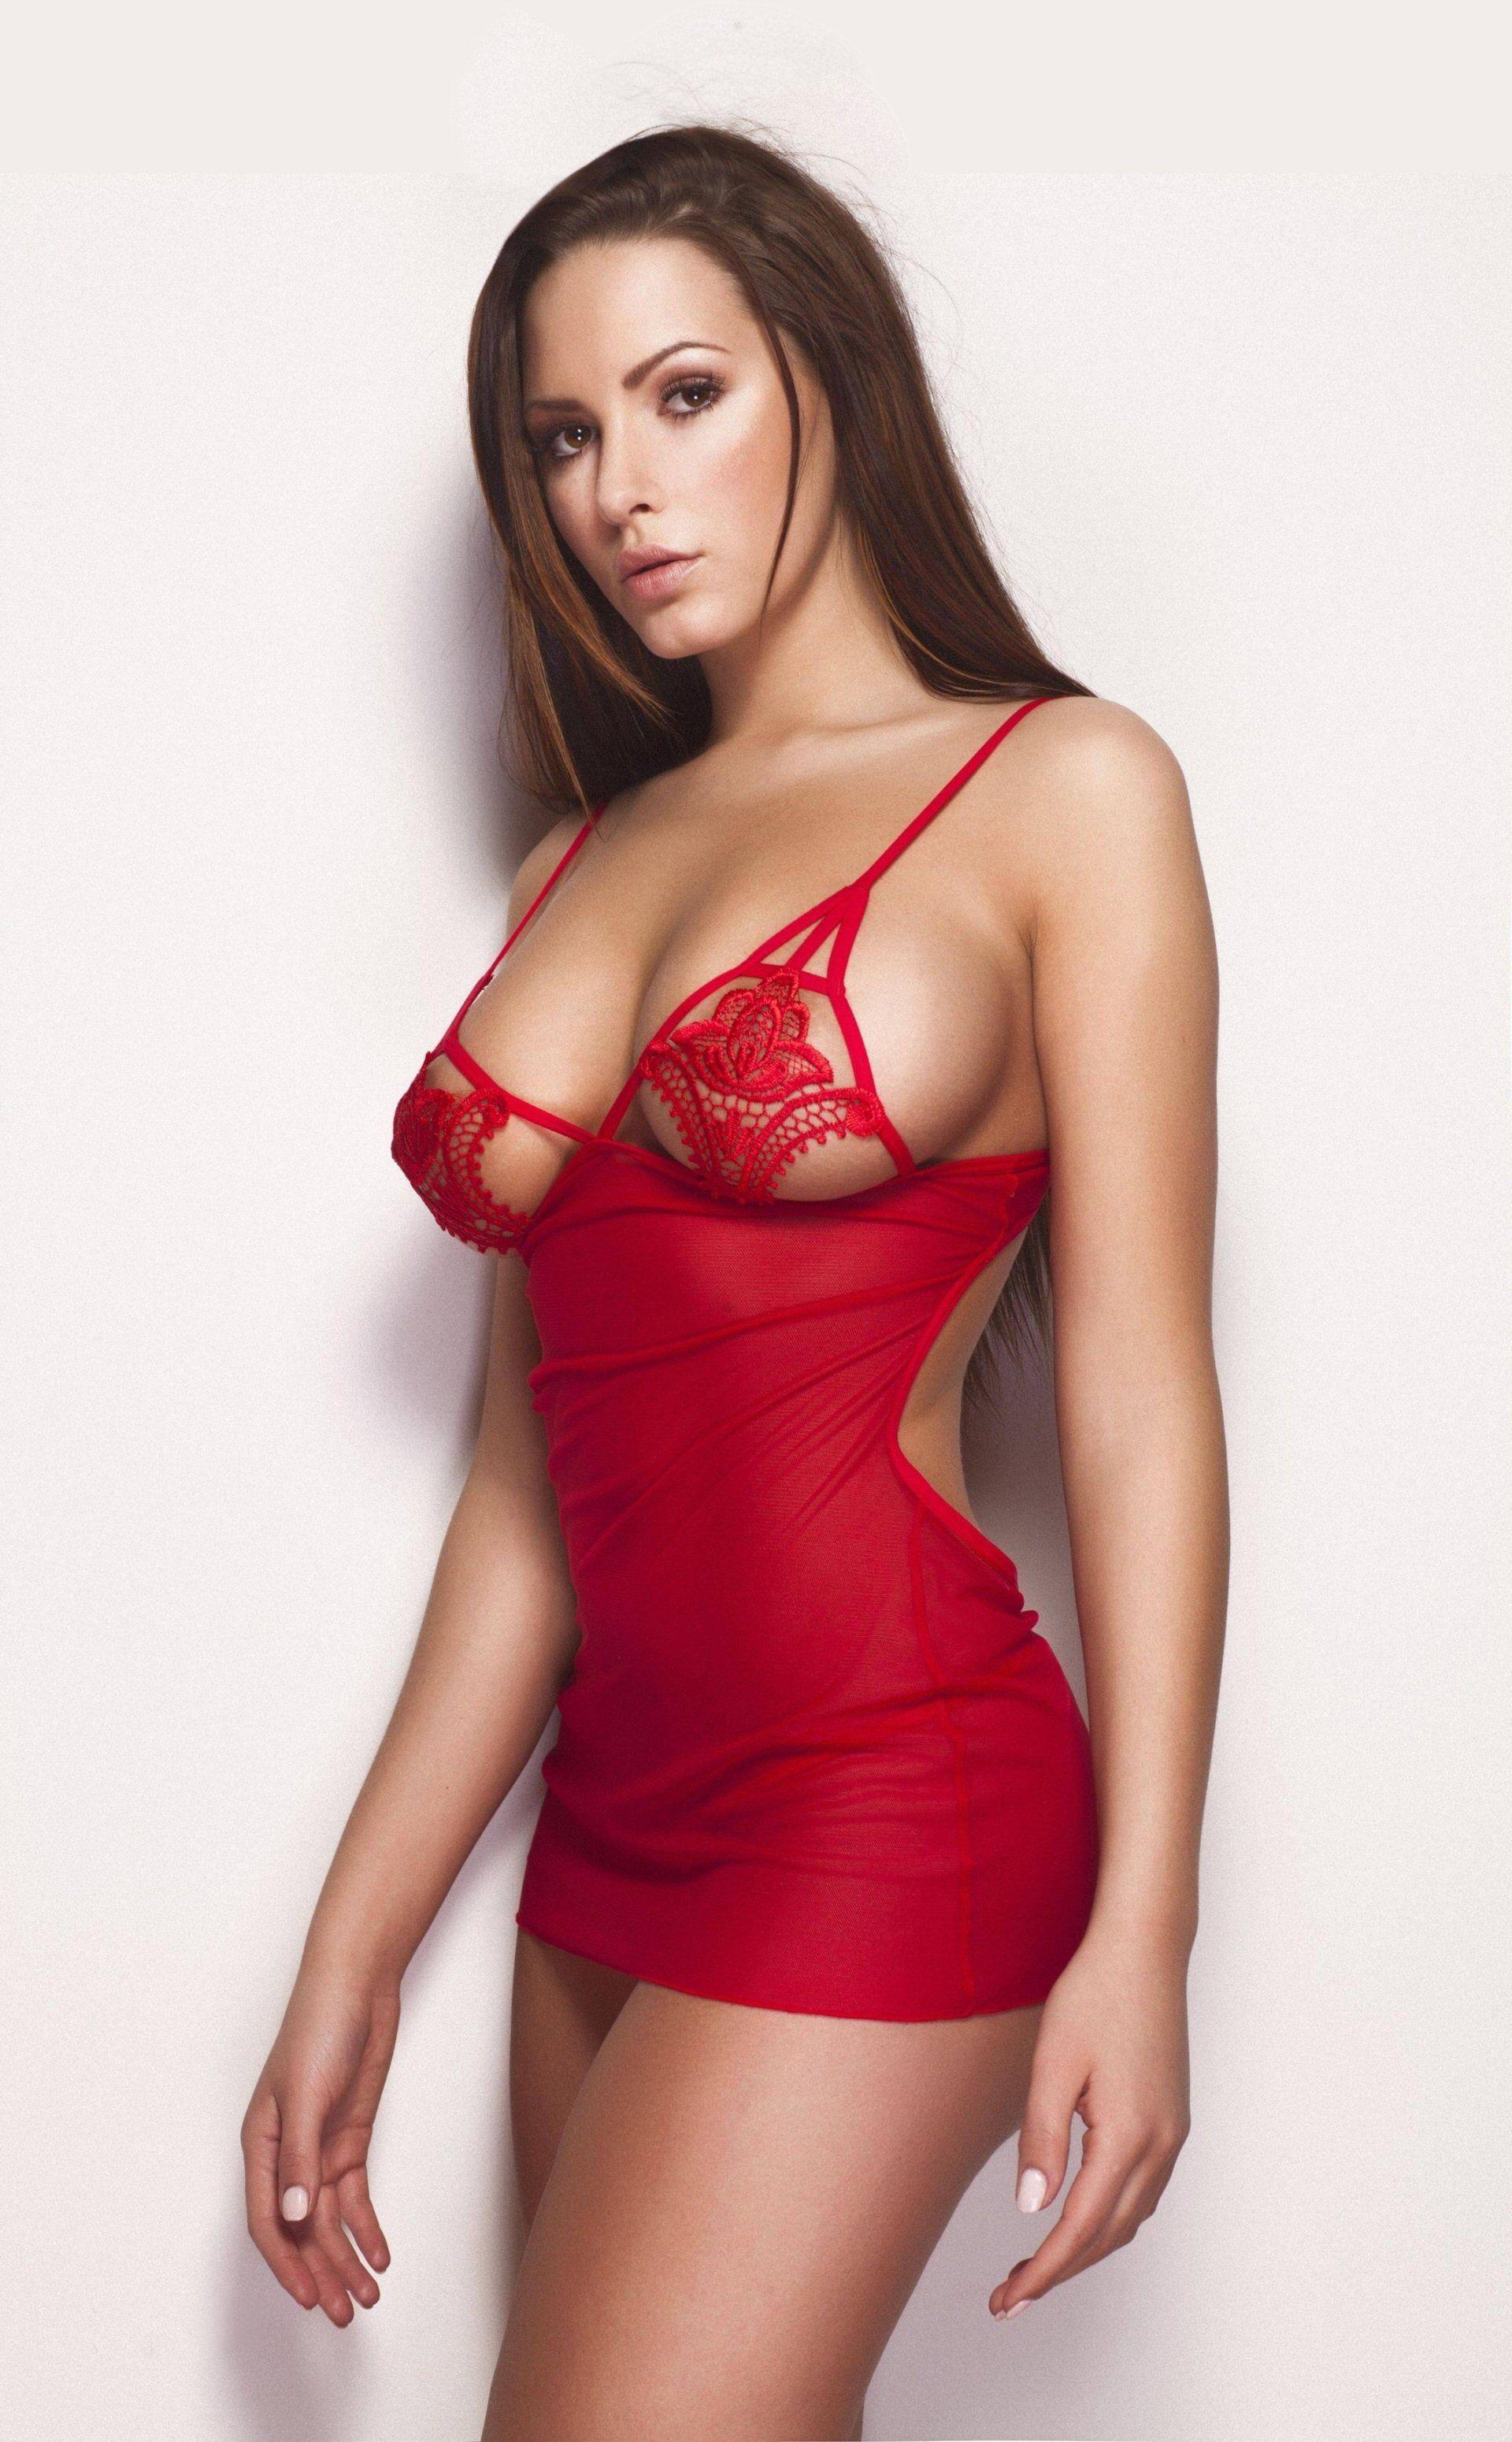 Anne hathaway bikini,Hannah ware hot sex in boss series Hot videos Anne sofie list see through 7 Photos,Bella thorne topless 2 pics